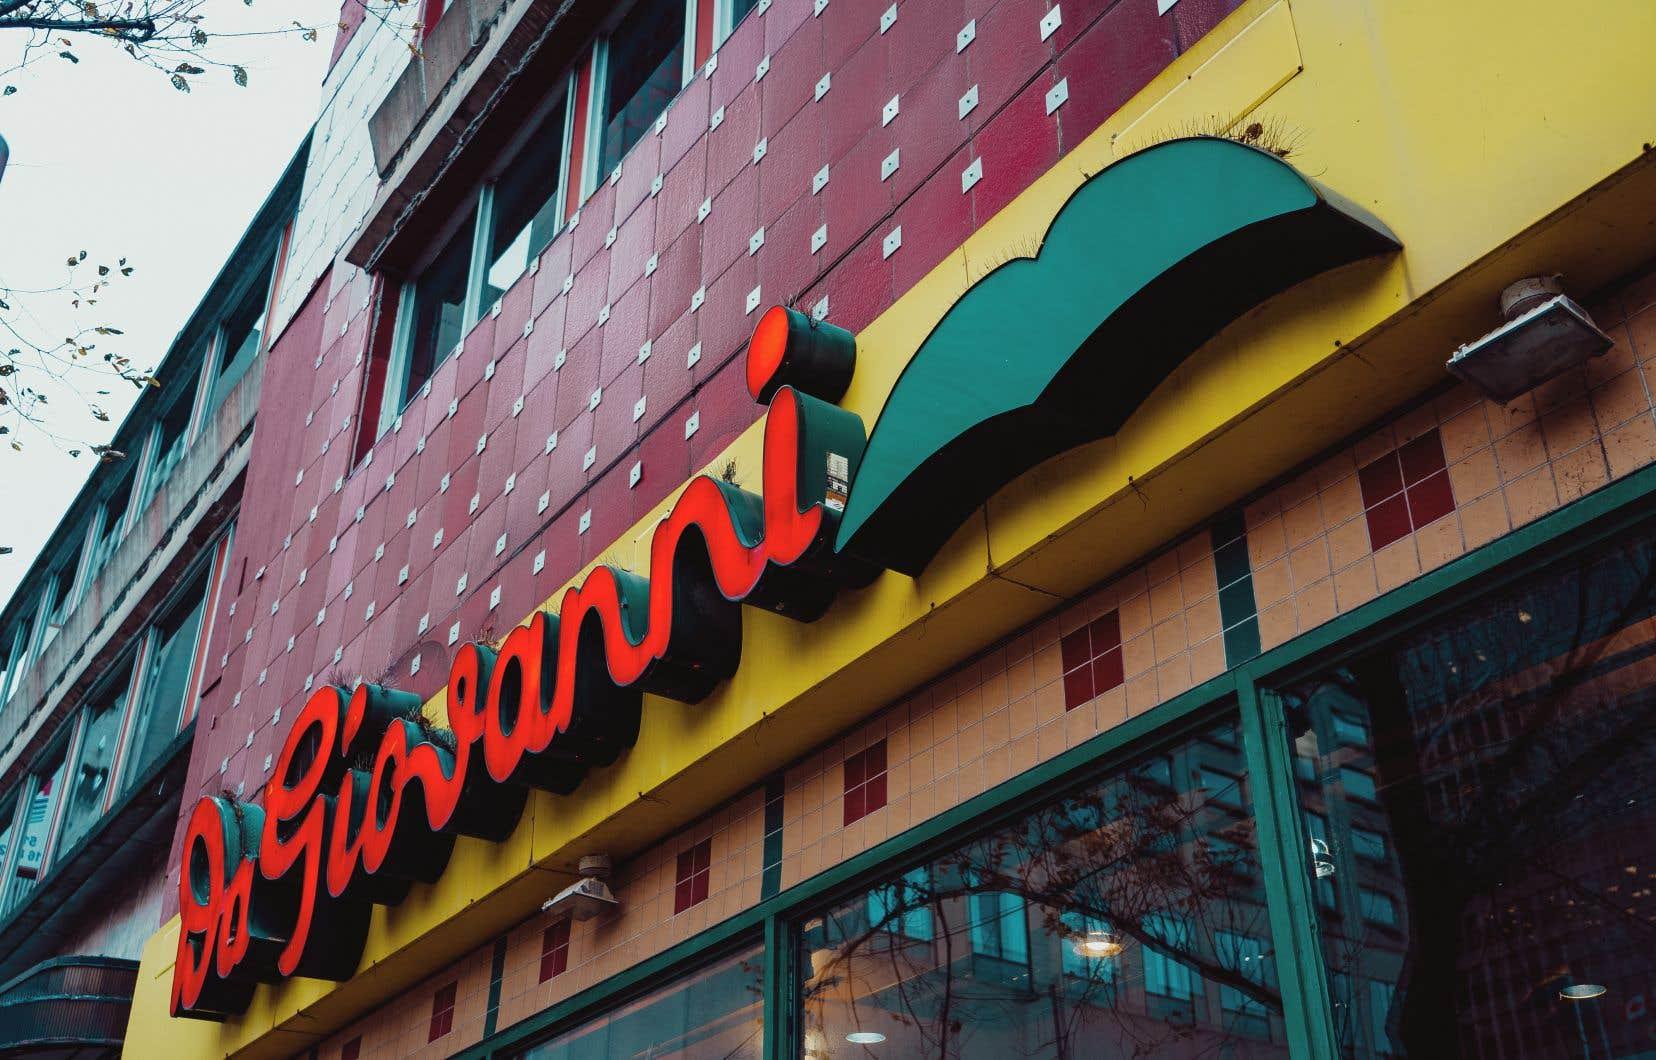 L'opération forcera les locataires, parmi lesquels le restaurant Da Giovanni, à se relocaliser temporairement.